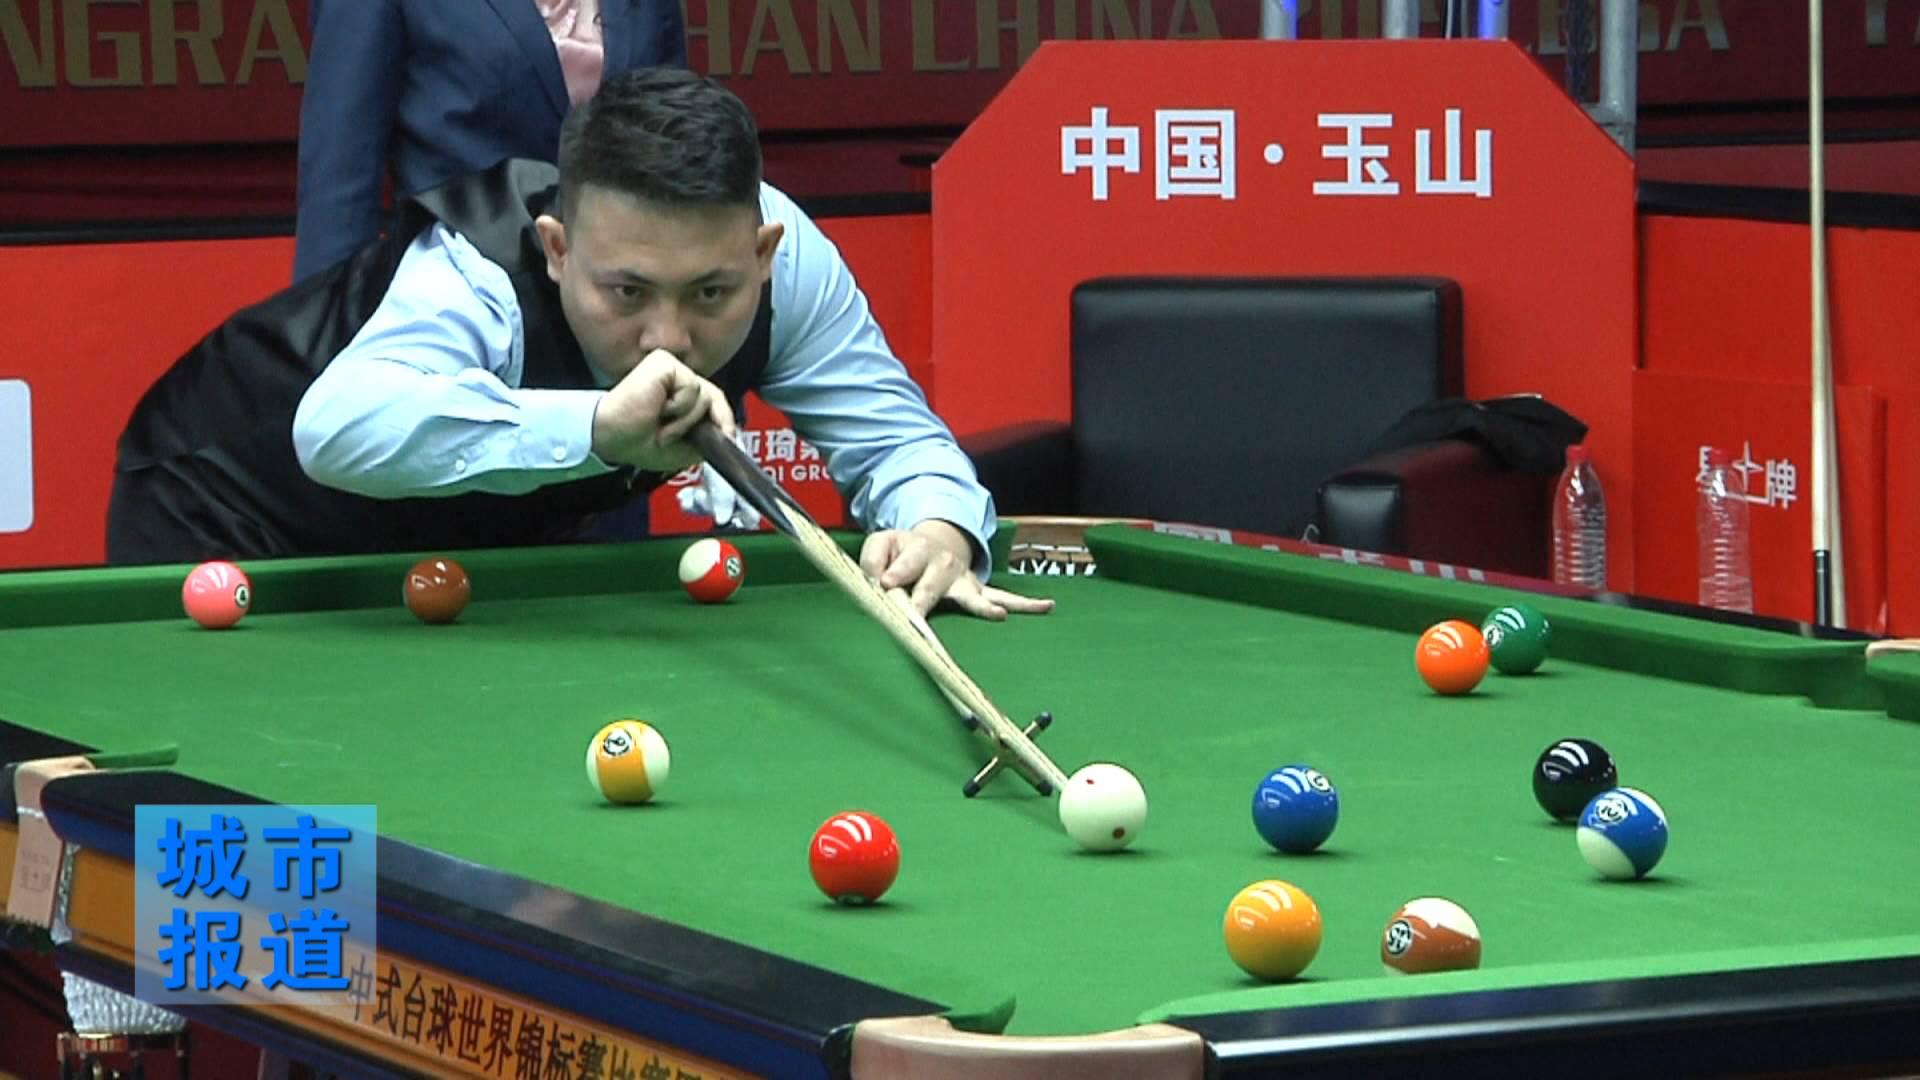 中式台球世锦赛半决赛:郑宇伯超常发挥 陈思明再冲女子冠军